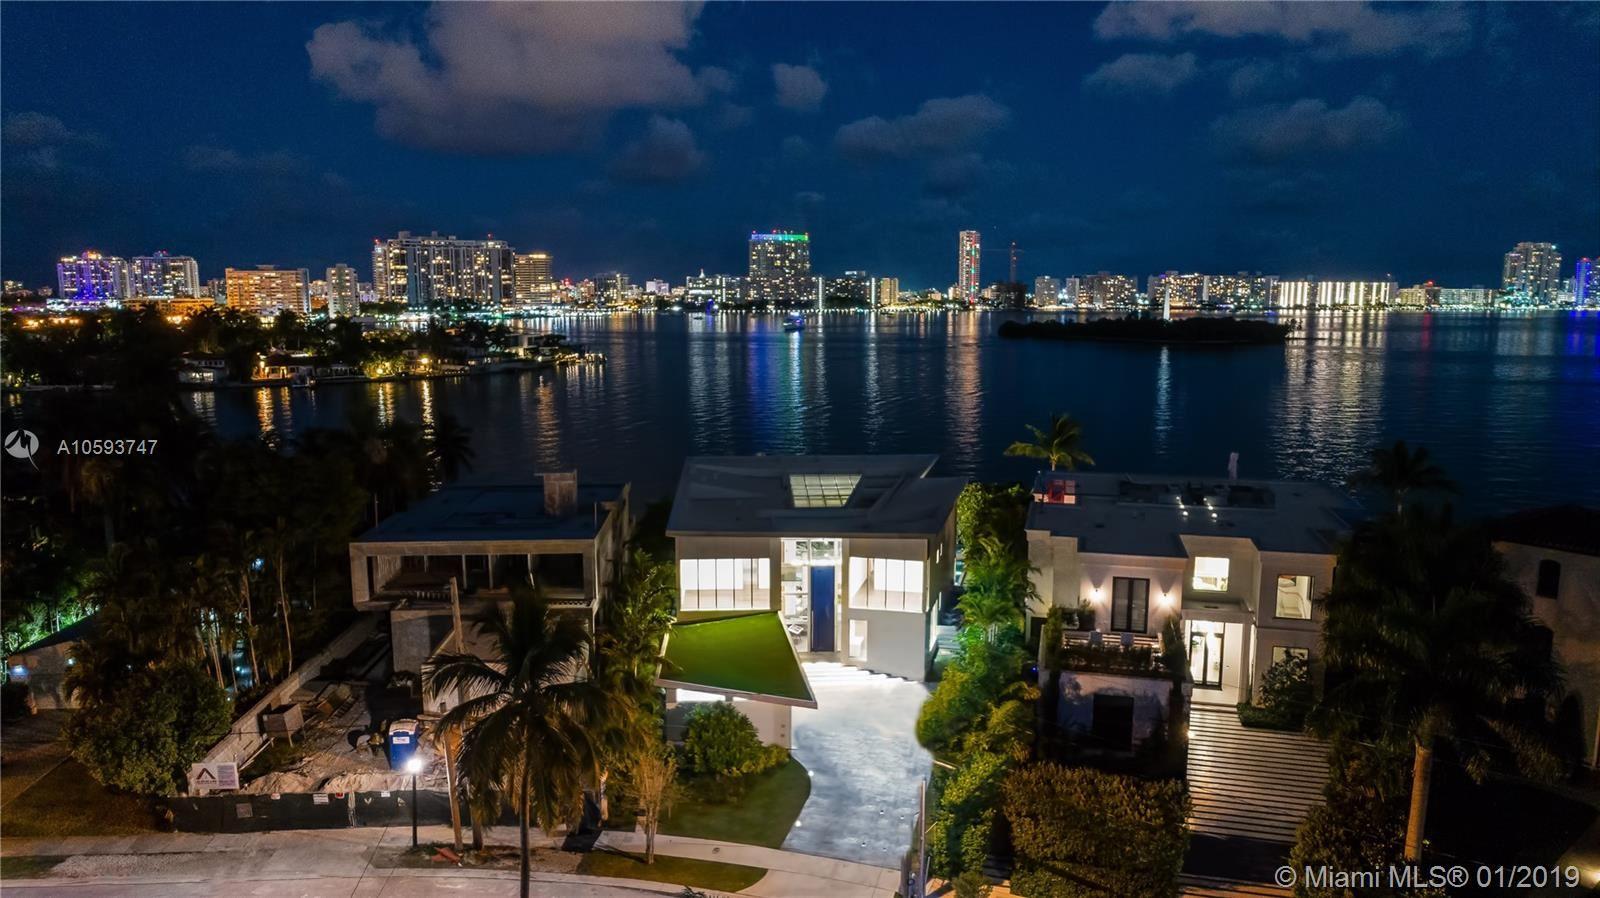 Photo 34 of Listing MLS a10593747 in 35 E Dilido Dr Miami Beach FL 33139